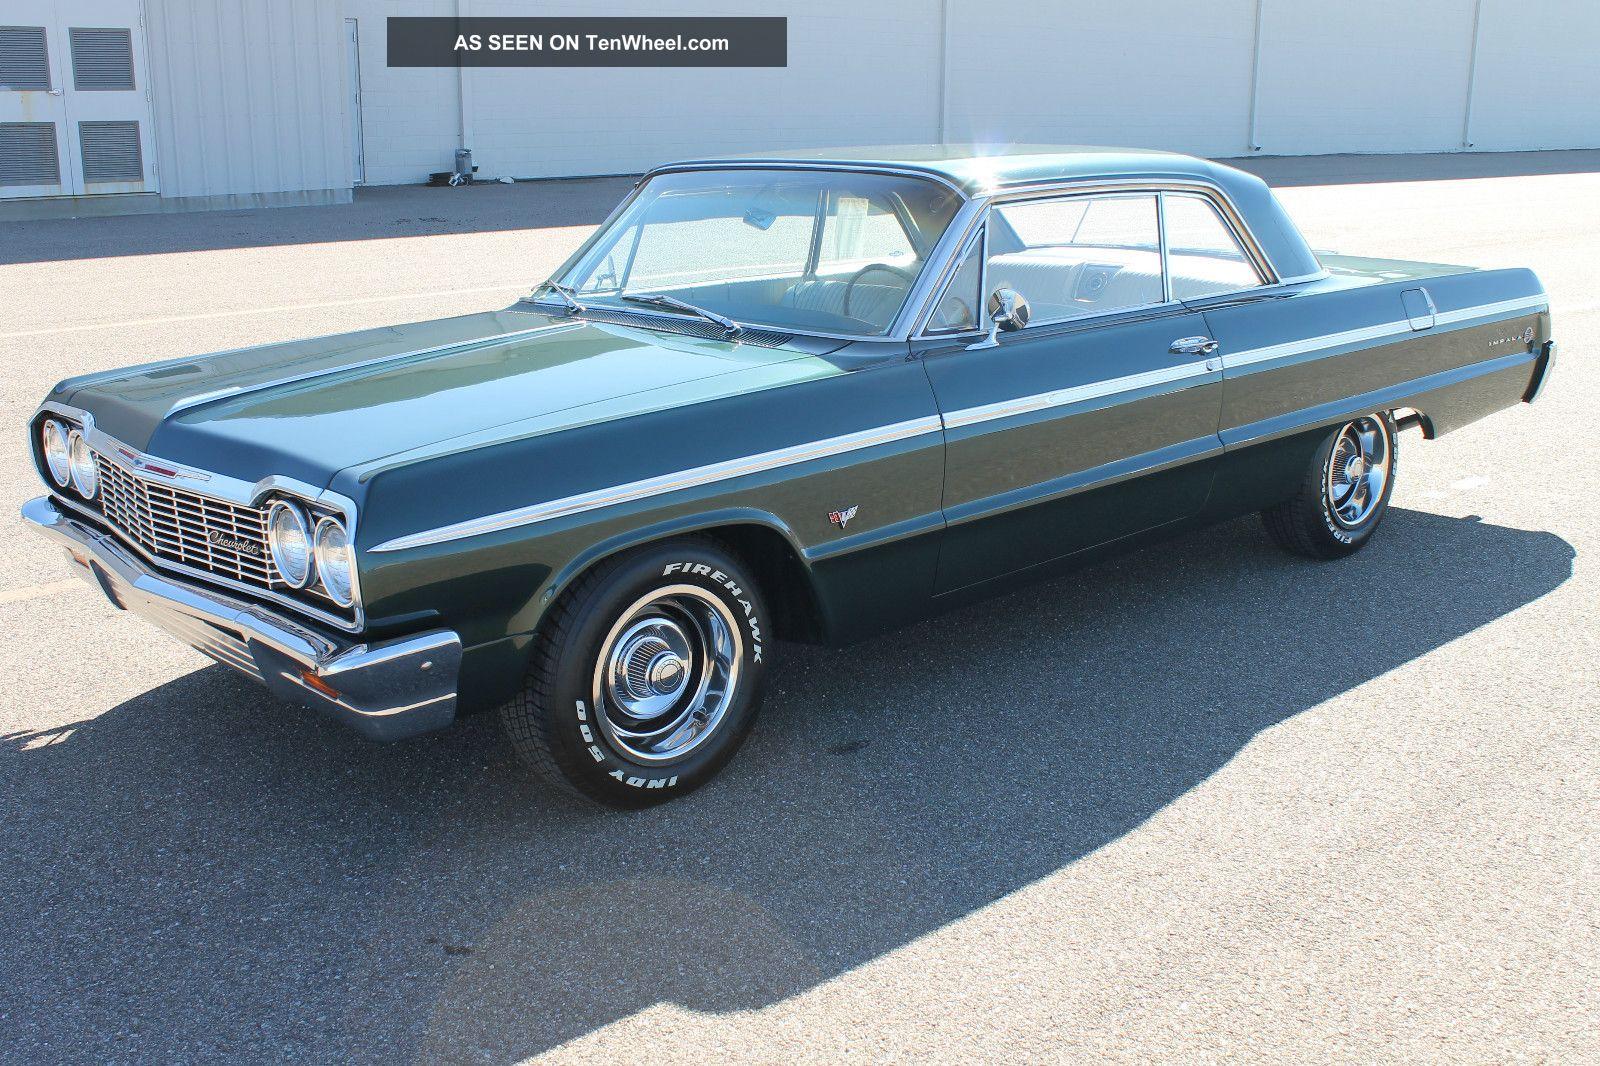 1964 Chevrolet Impala Ss Impala photo